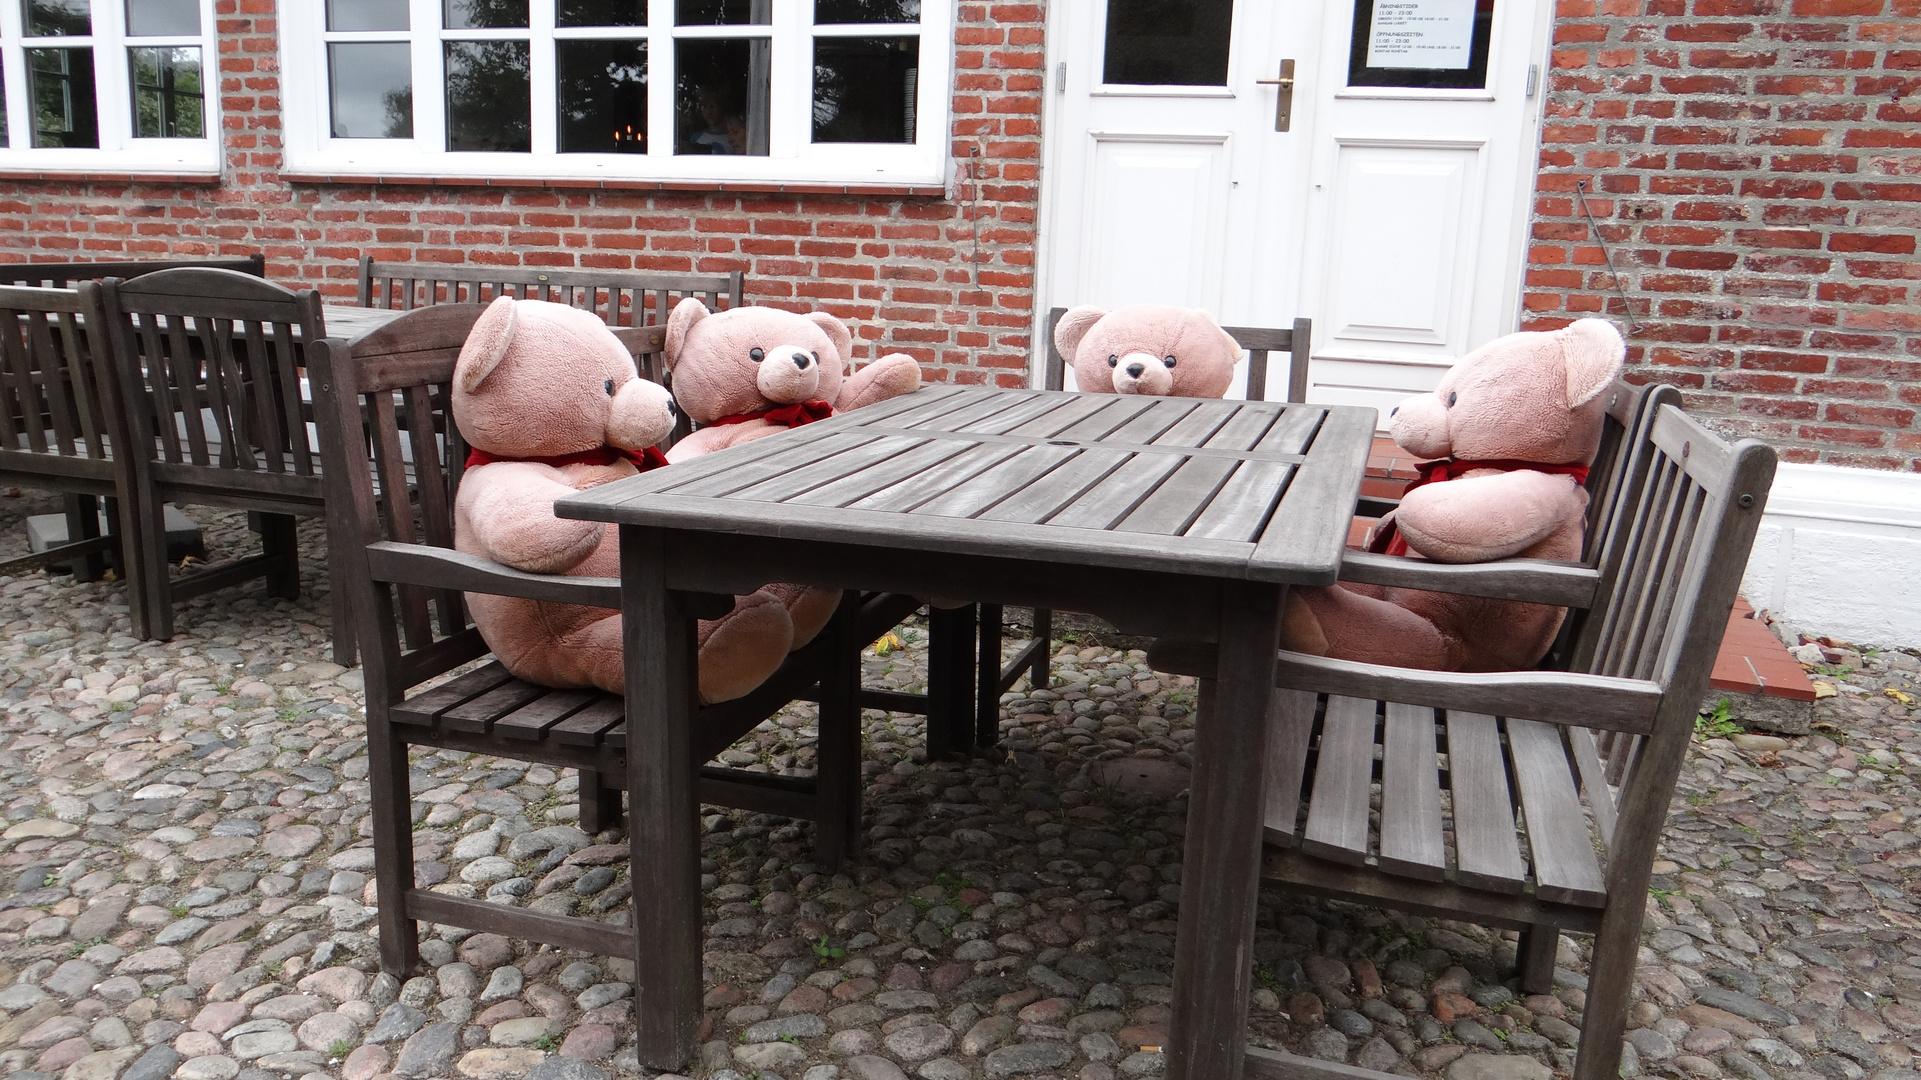 Bitte nehmen Sie doch Platz....wir schmatzen auch nicht!!